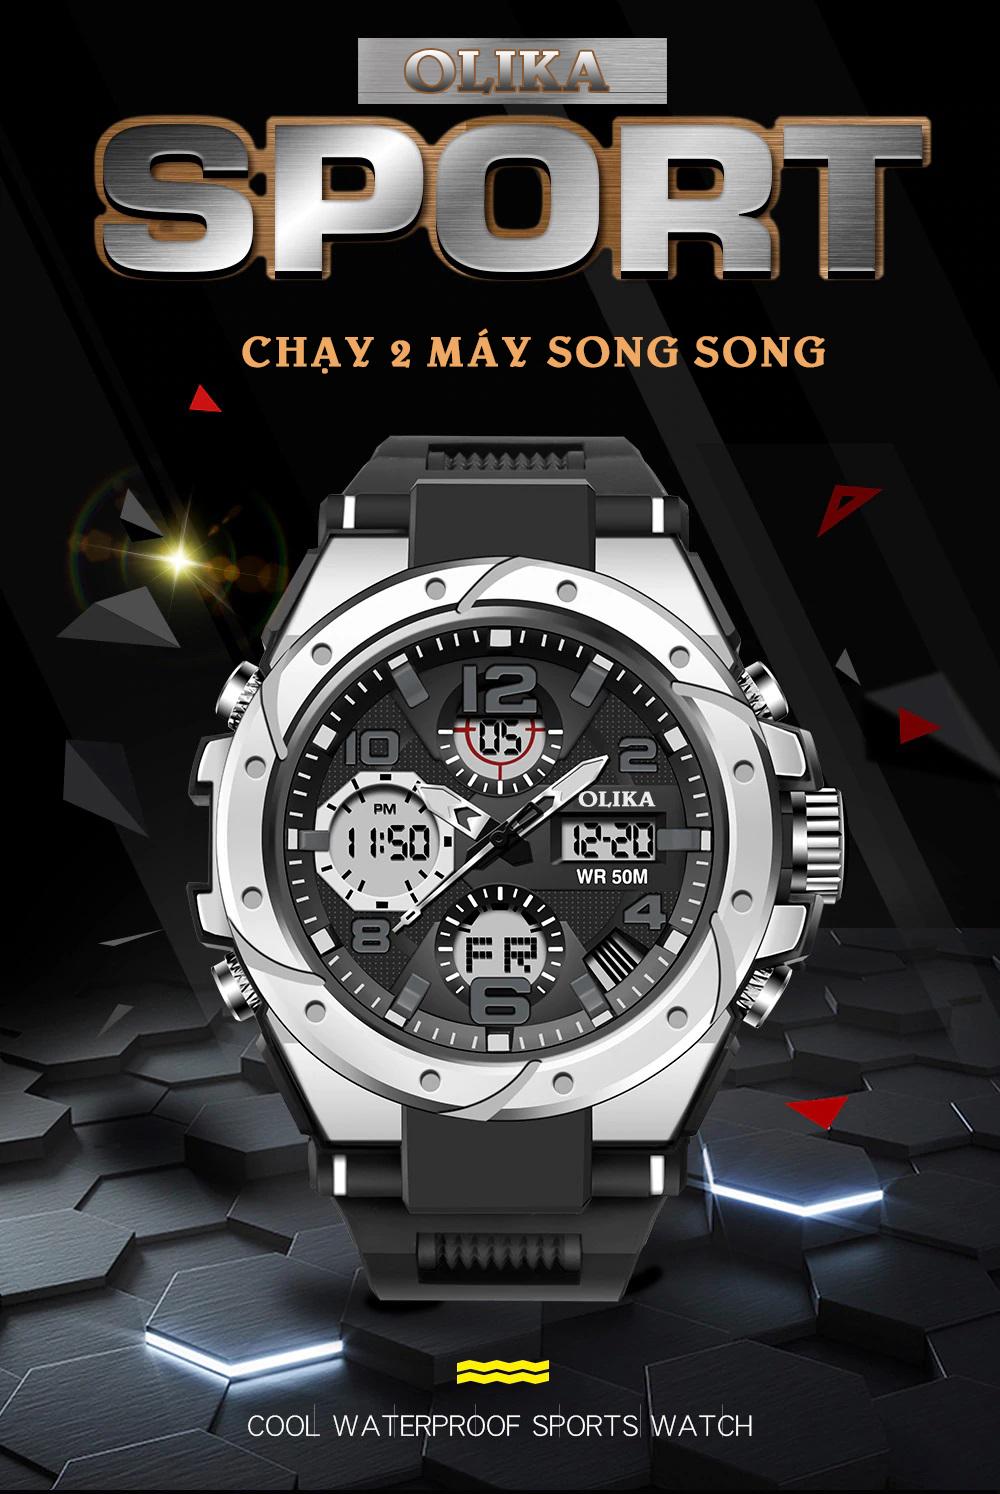 Đồng hồ Nam SANDA MIGER Chuẩn Bền Quân Đội, 2 Máy Chạy Song Song, Chống Nước Rất Tốt